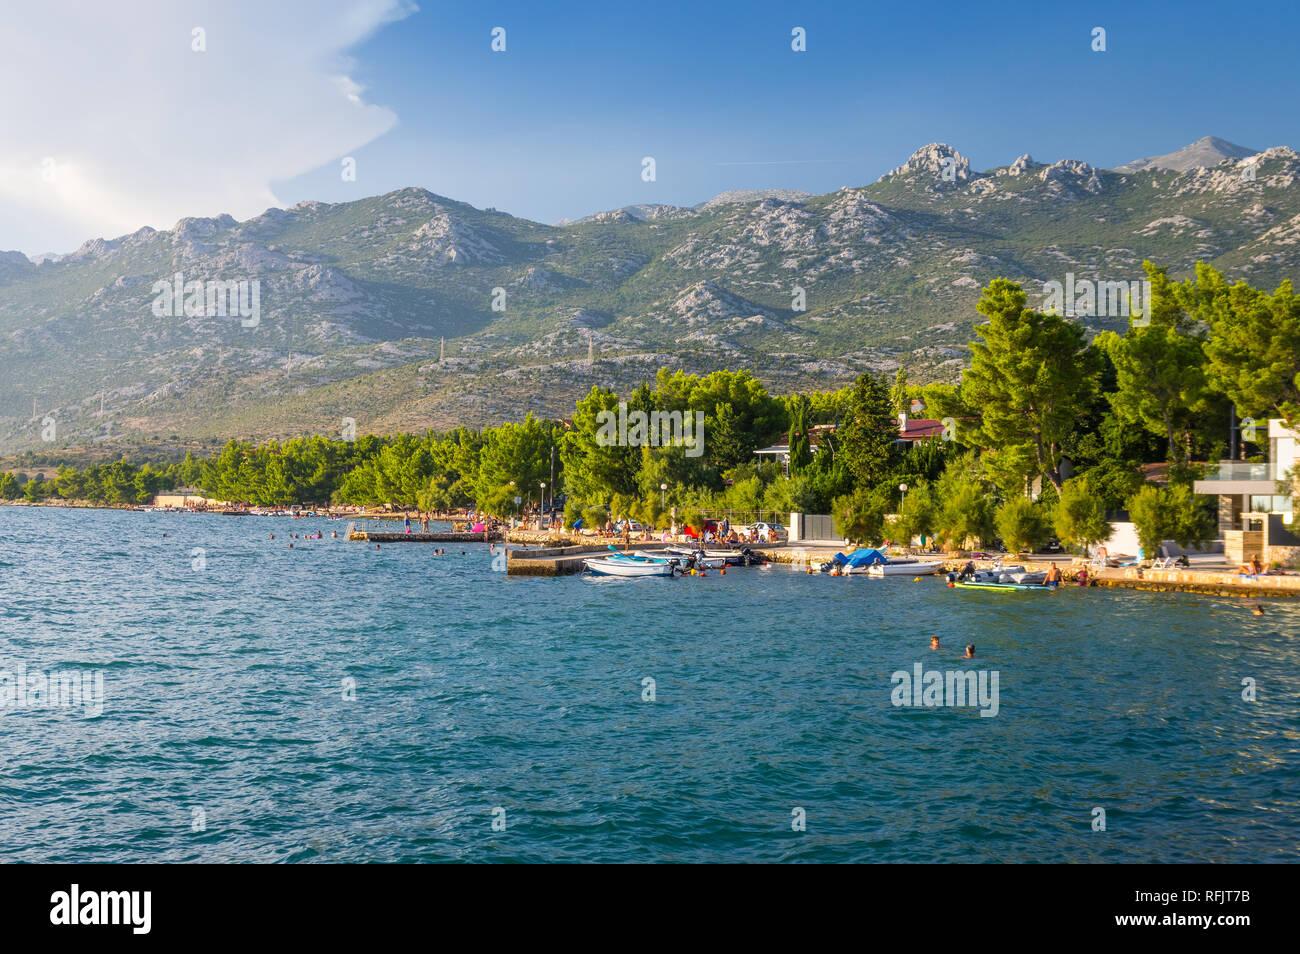 Rovanjska, under the mountain Velebit Stock Photo